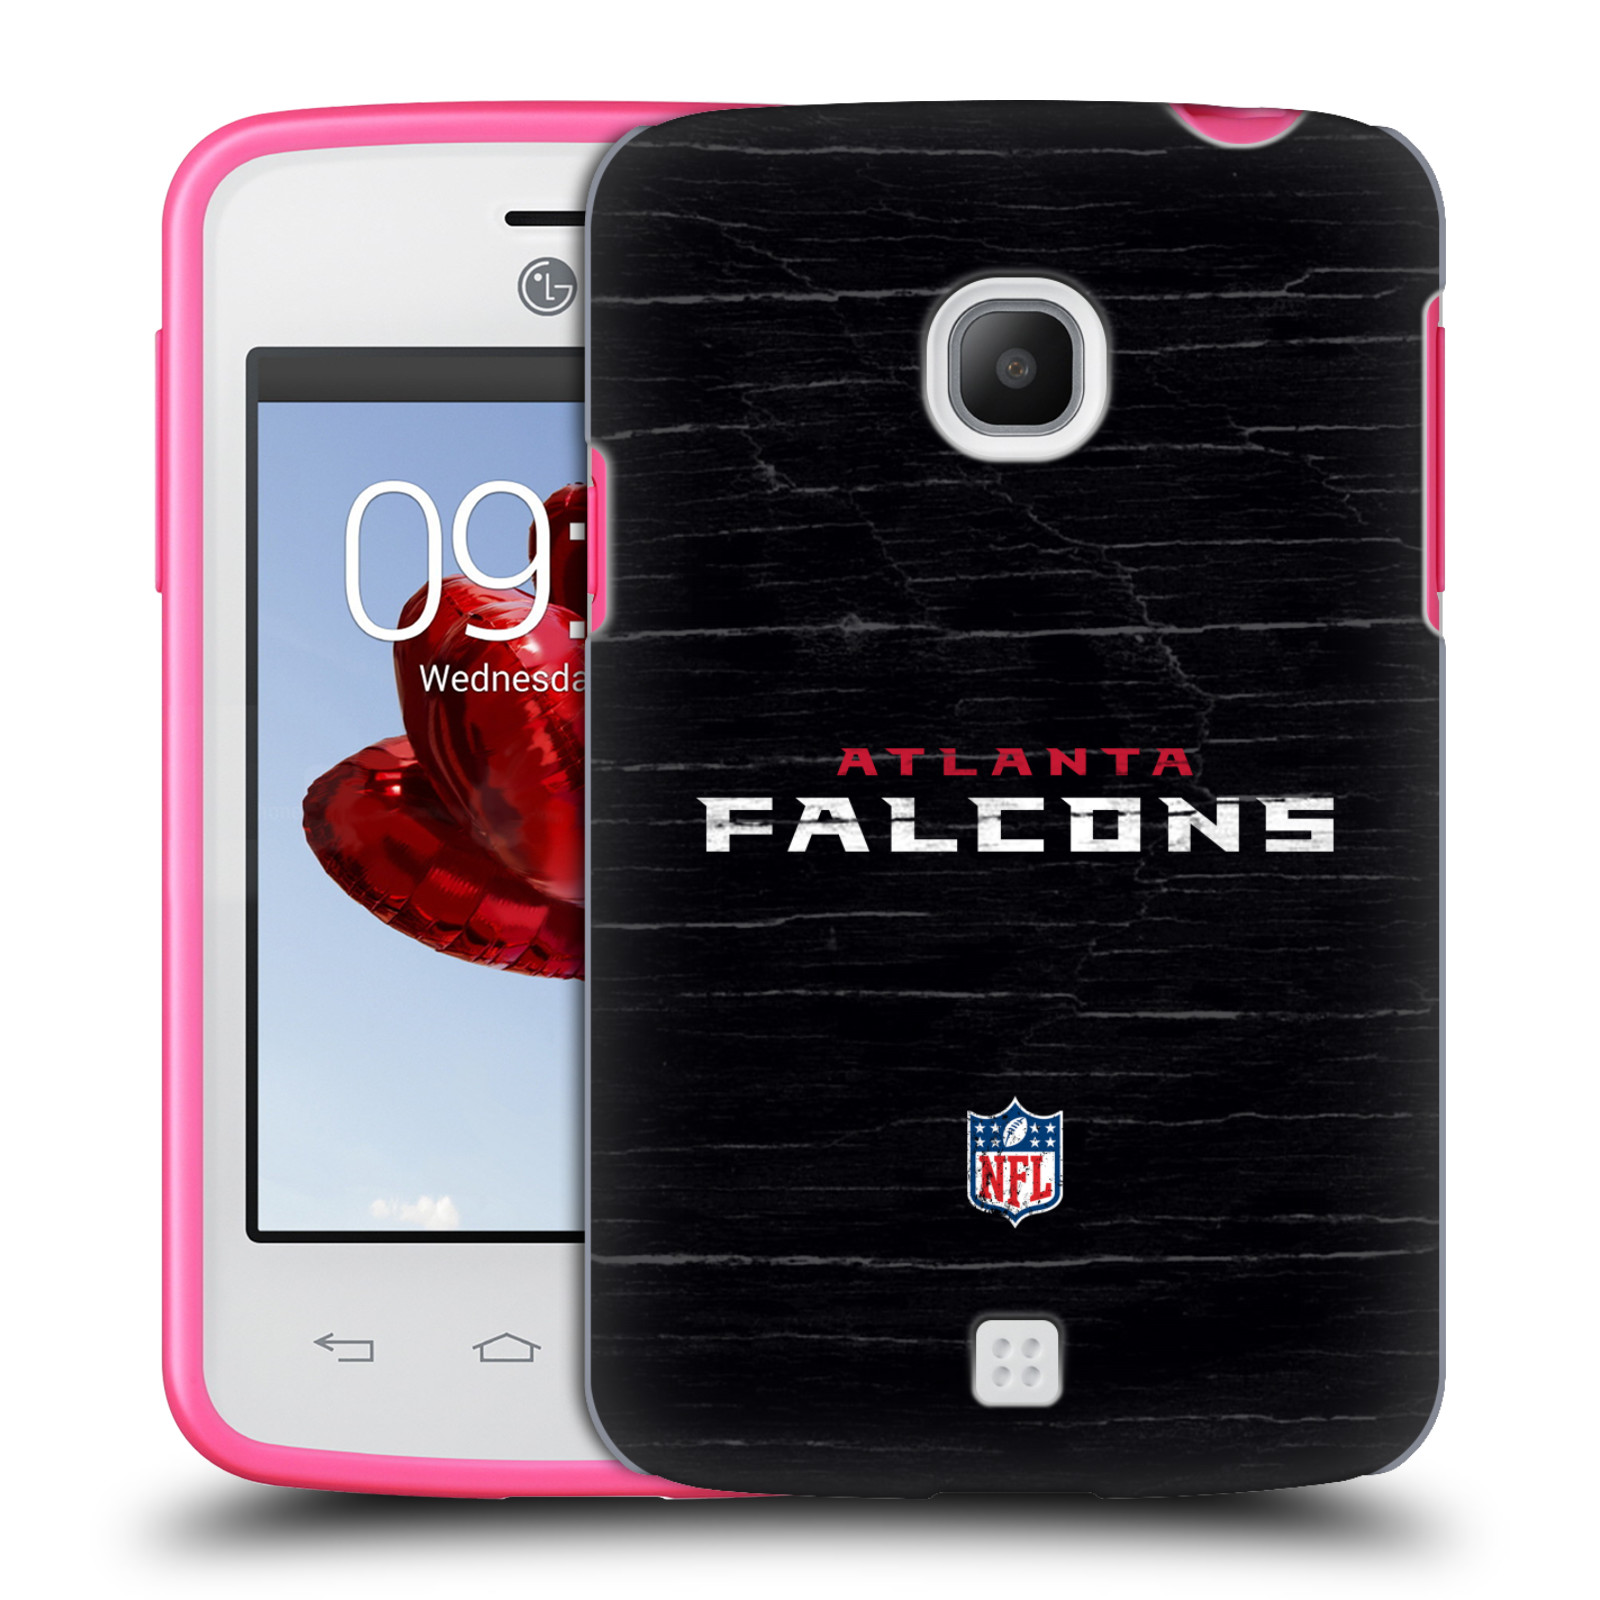 OFFICIAL NFL ATLANTA FALCONS LOGO HARD BACK CASE FOR LG PHONES 2